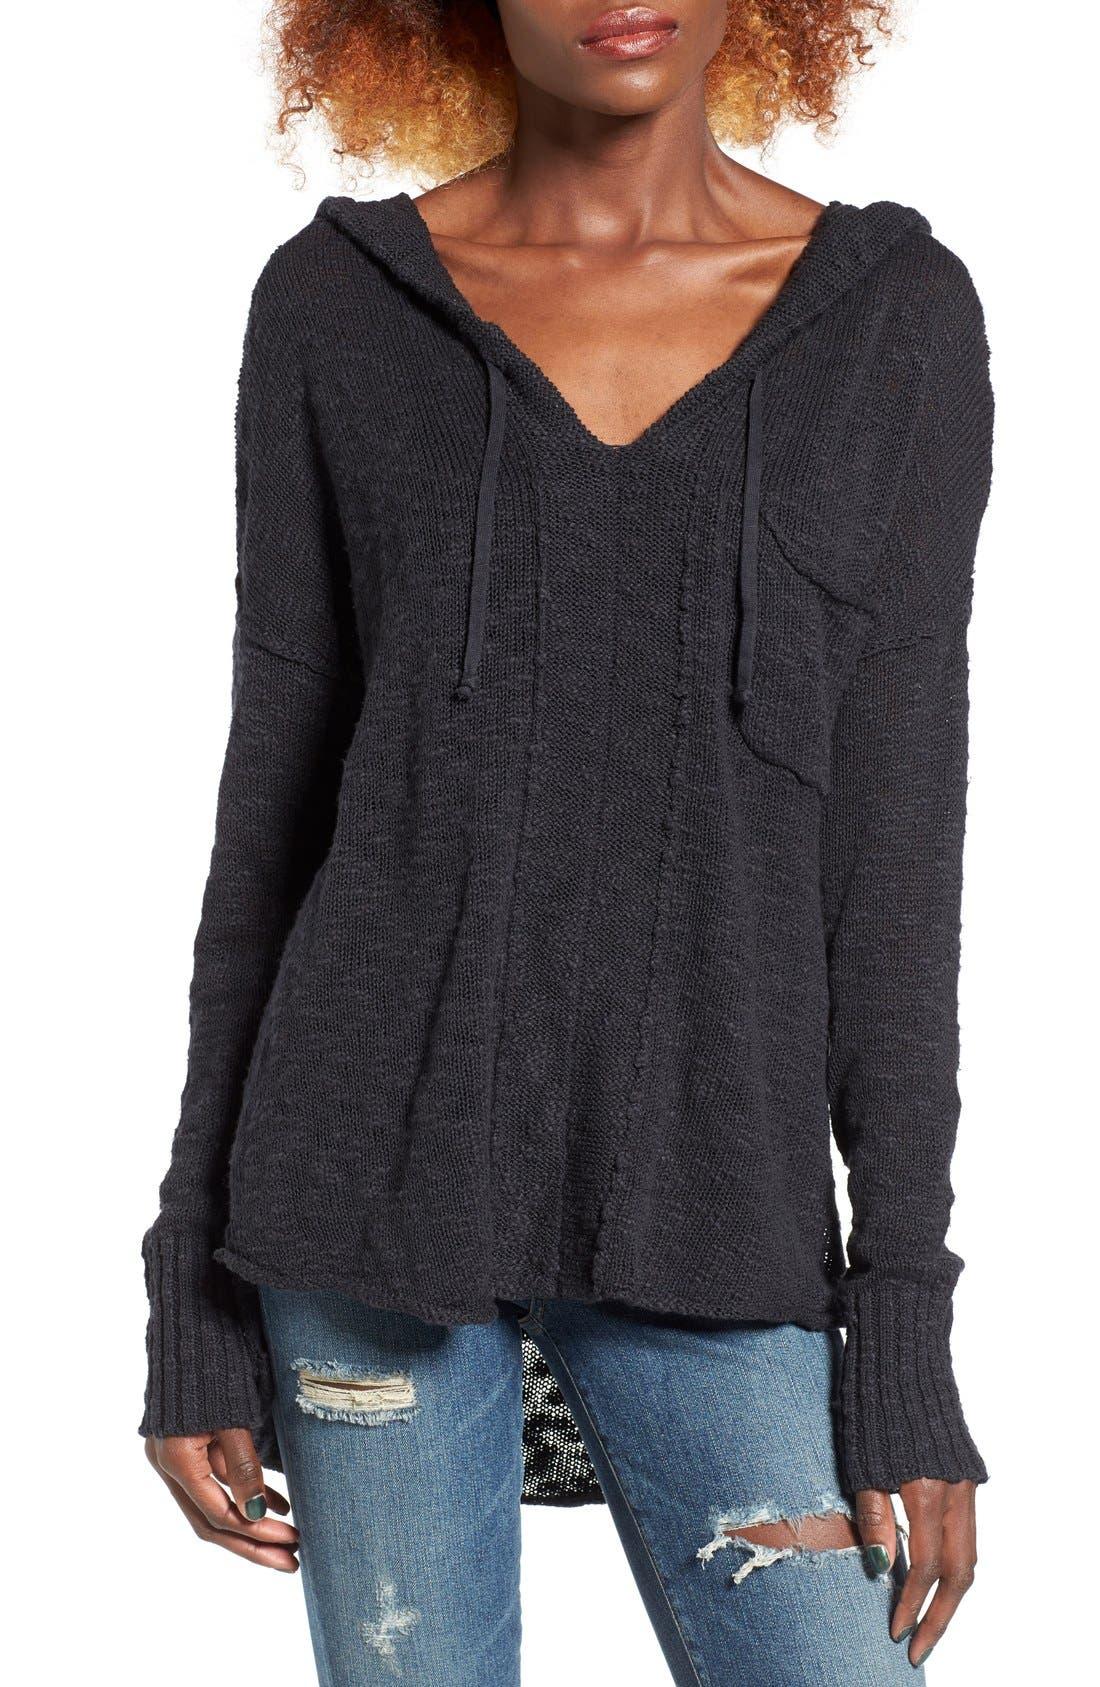 Alternate Image 1 Selected - Roxy Airwaves Hooded Sweater